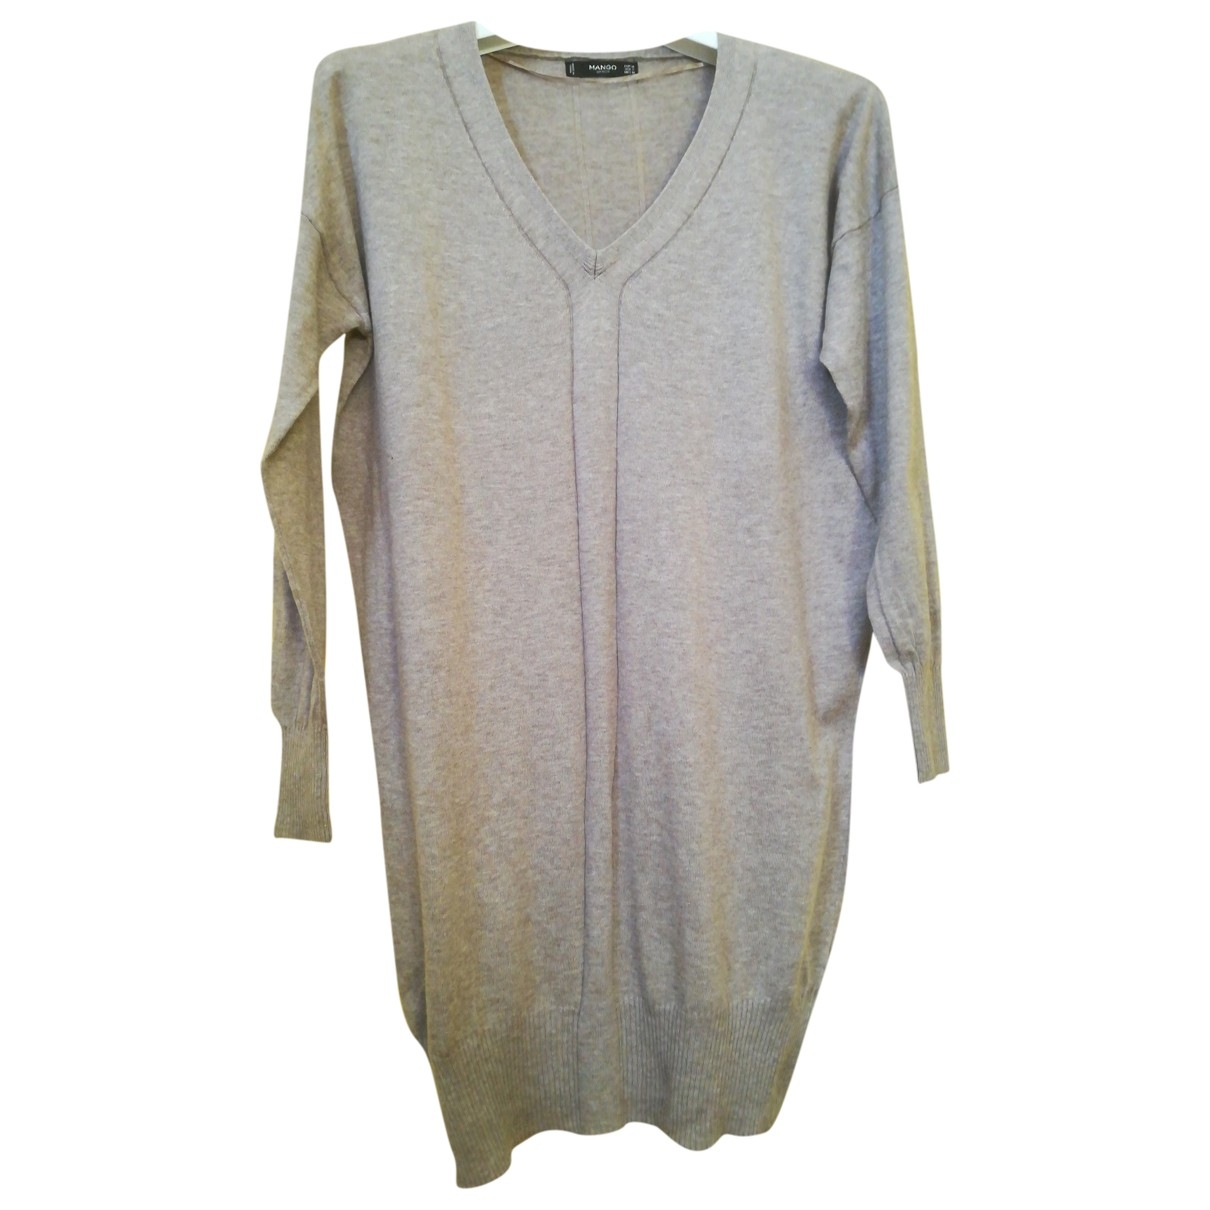 Mango \N Beige dress for Women M International